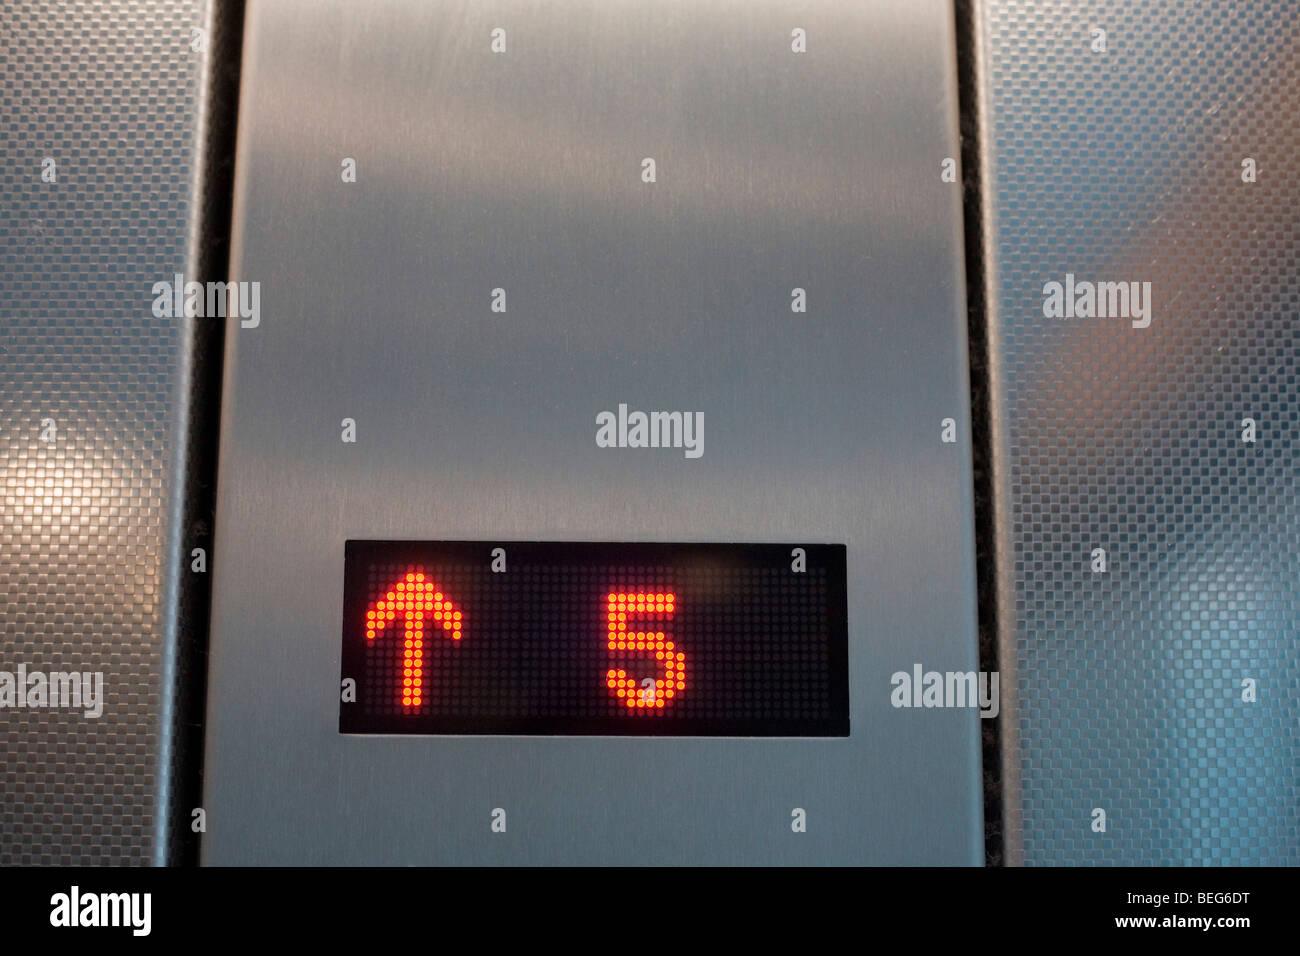 Un ascenseur (ascenseur) montre qu'il est croissant à l'étage supérieur, numéro 5 de Photo Stock